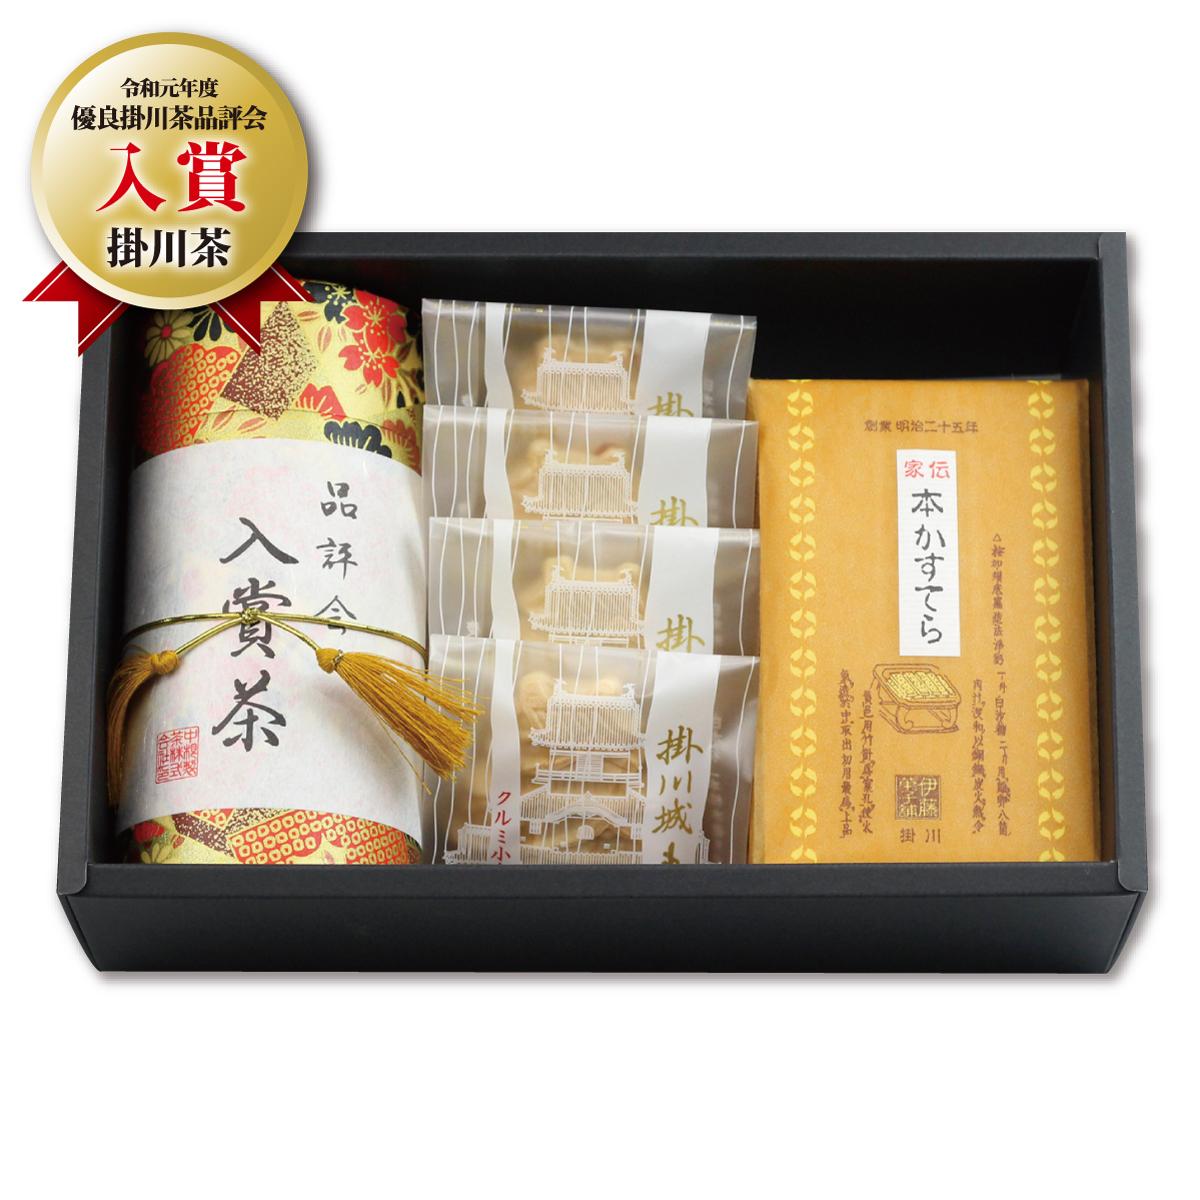 【数量限定】<掛川銘菓セット>「優良掛川茶品評会」入賞茶と掛川城もなかと本カステラ